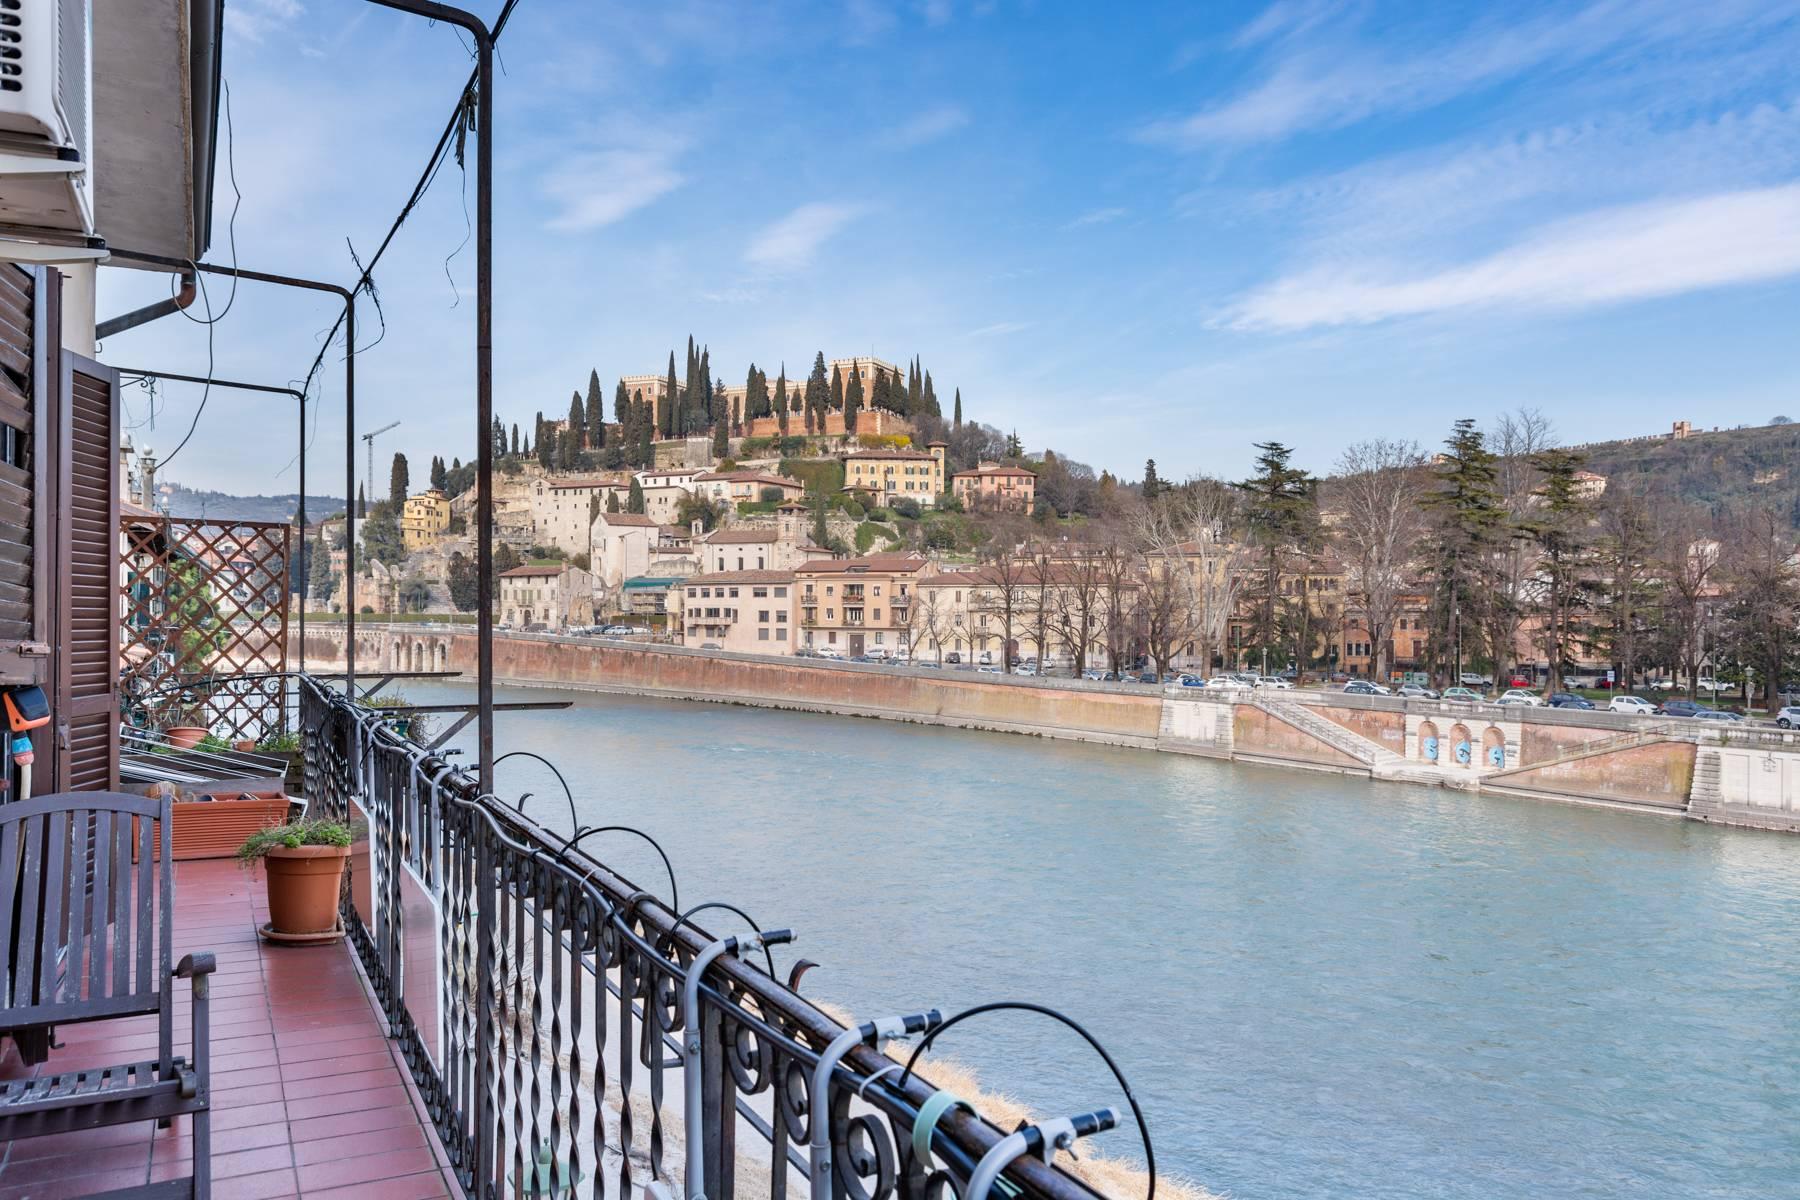 Attico in Vendita a Verona: 5 locali, 185 mq - Foto 2